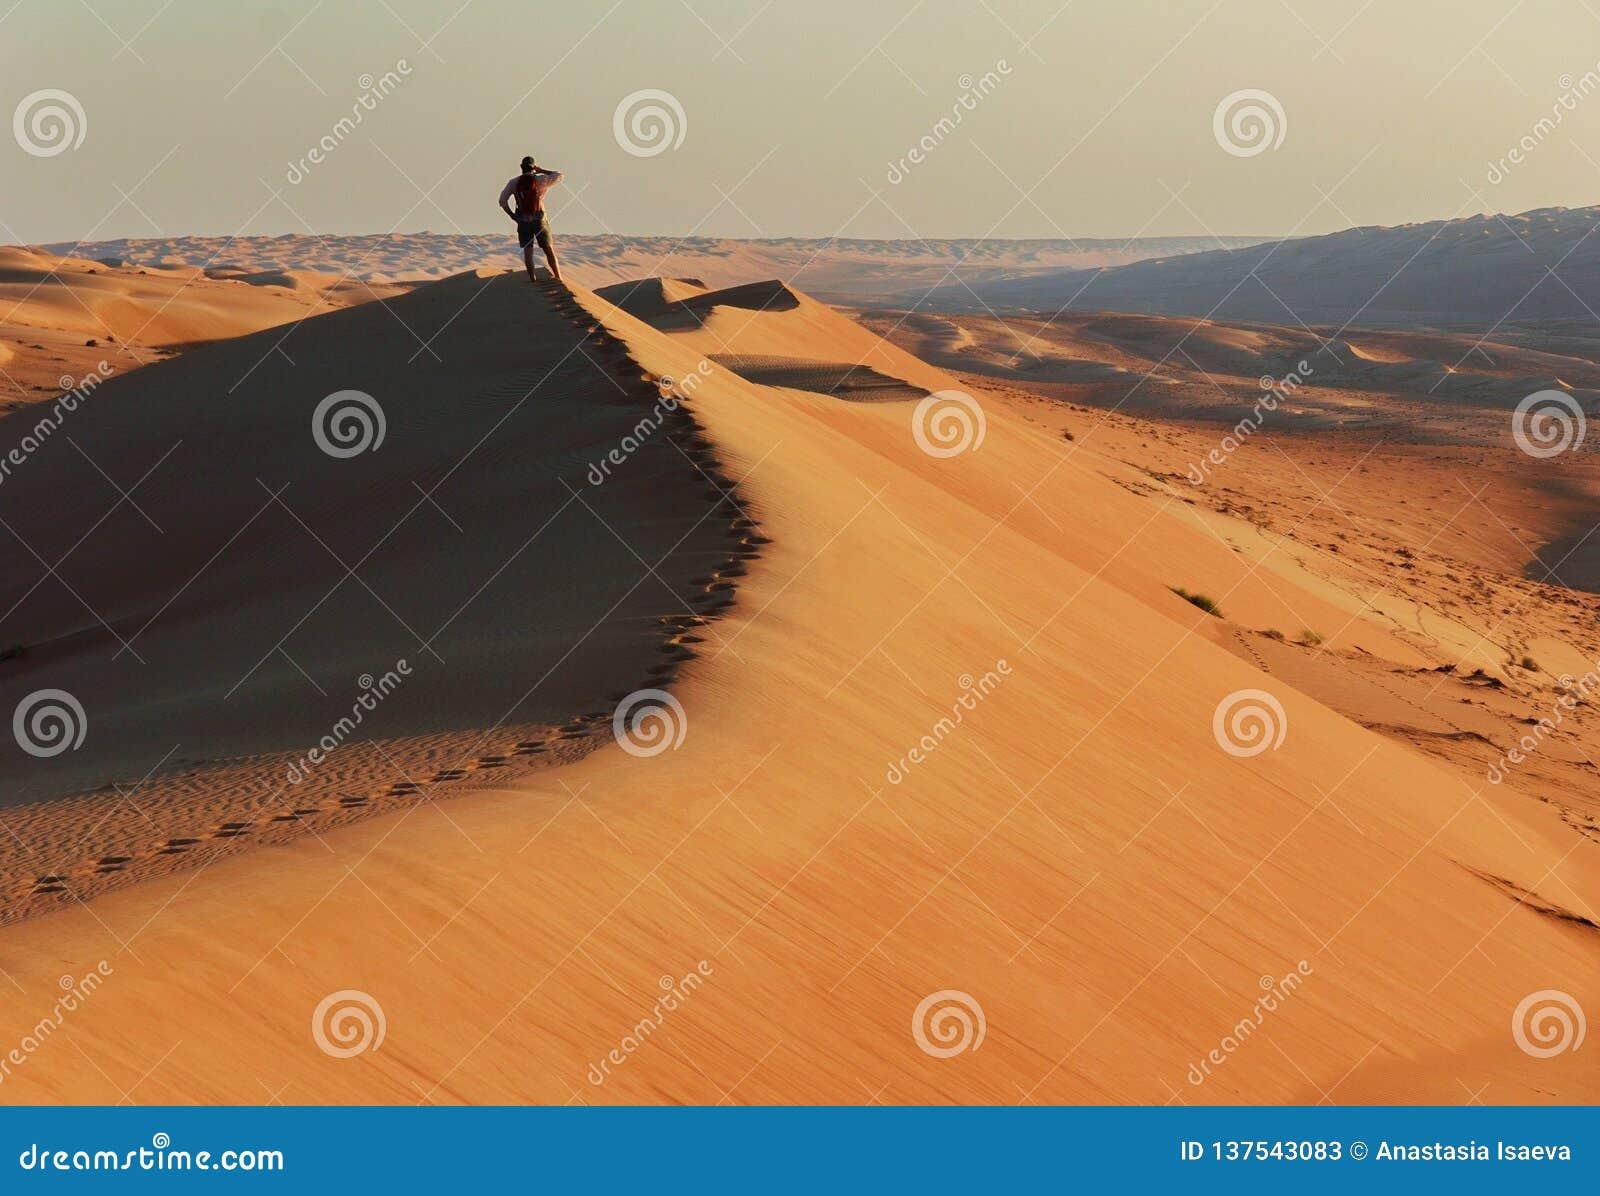 Незнакомец на песчанной дюне